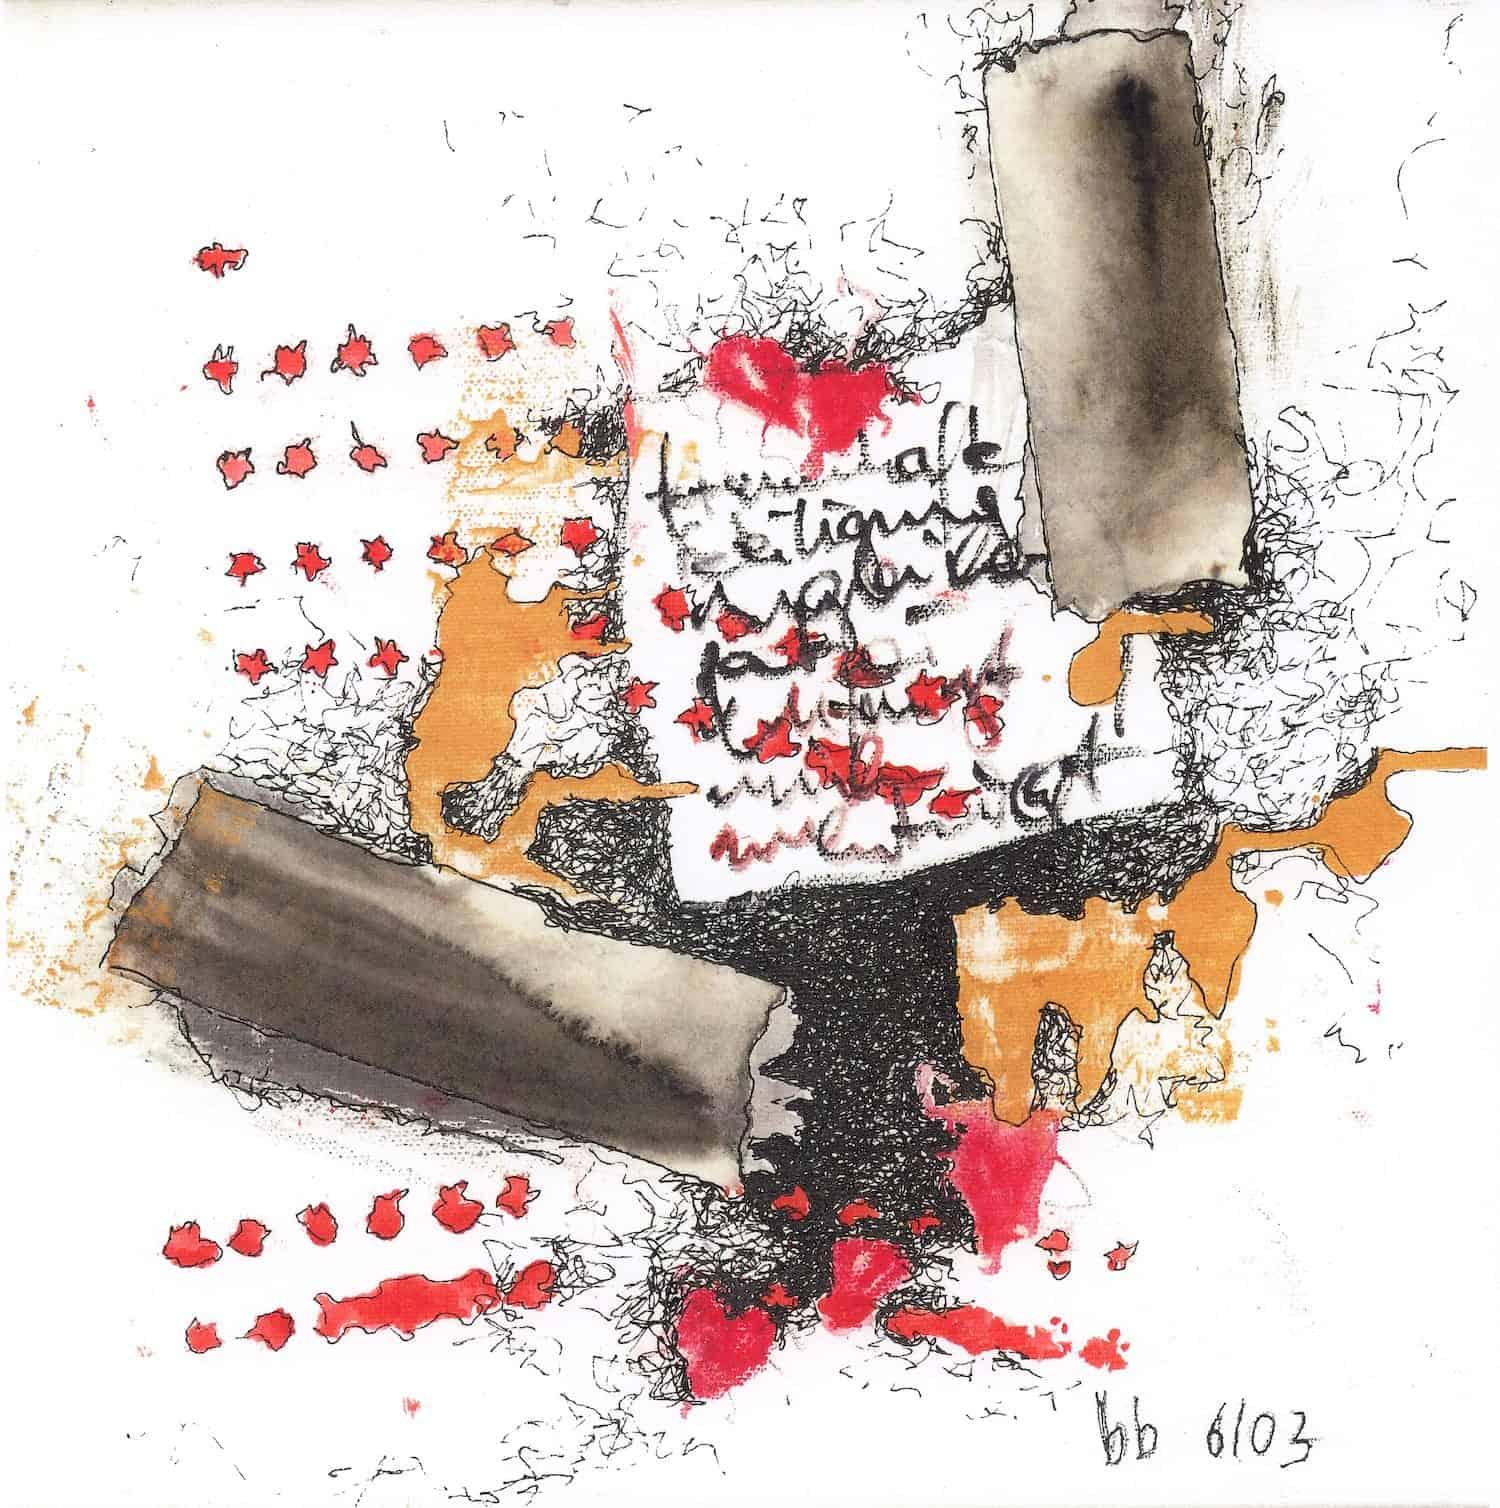 Traumhafte Beteiligung - Bildende Kunst - Barbara Baum